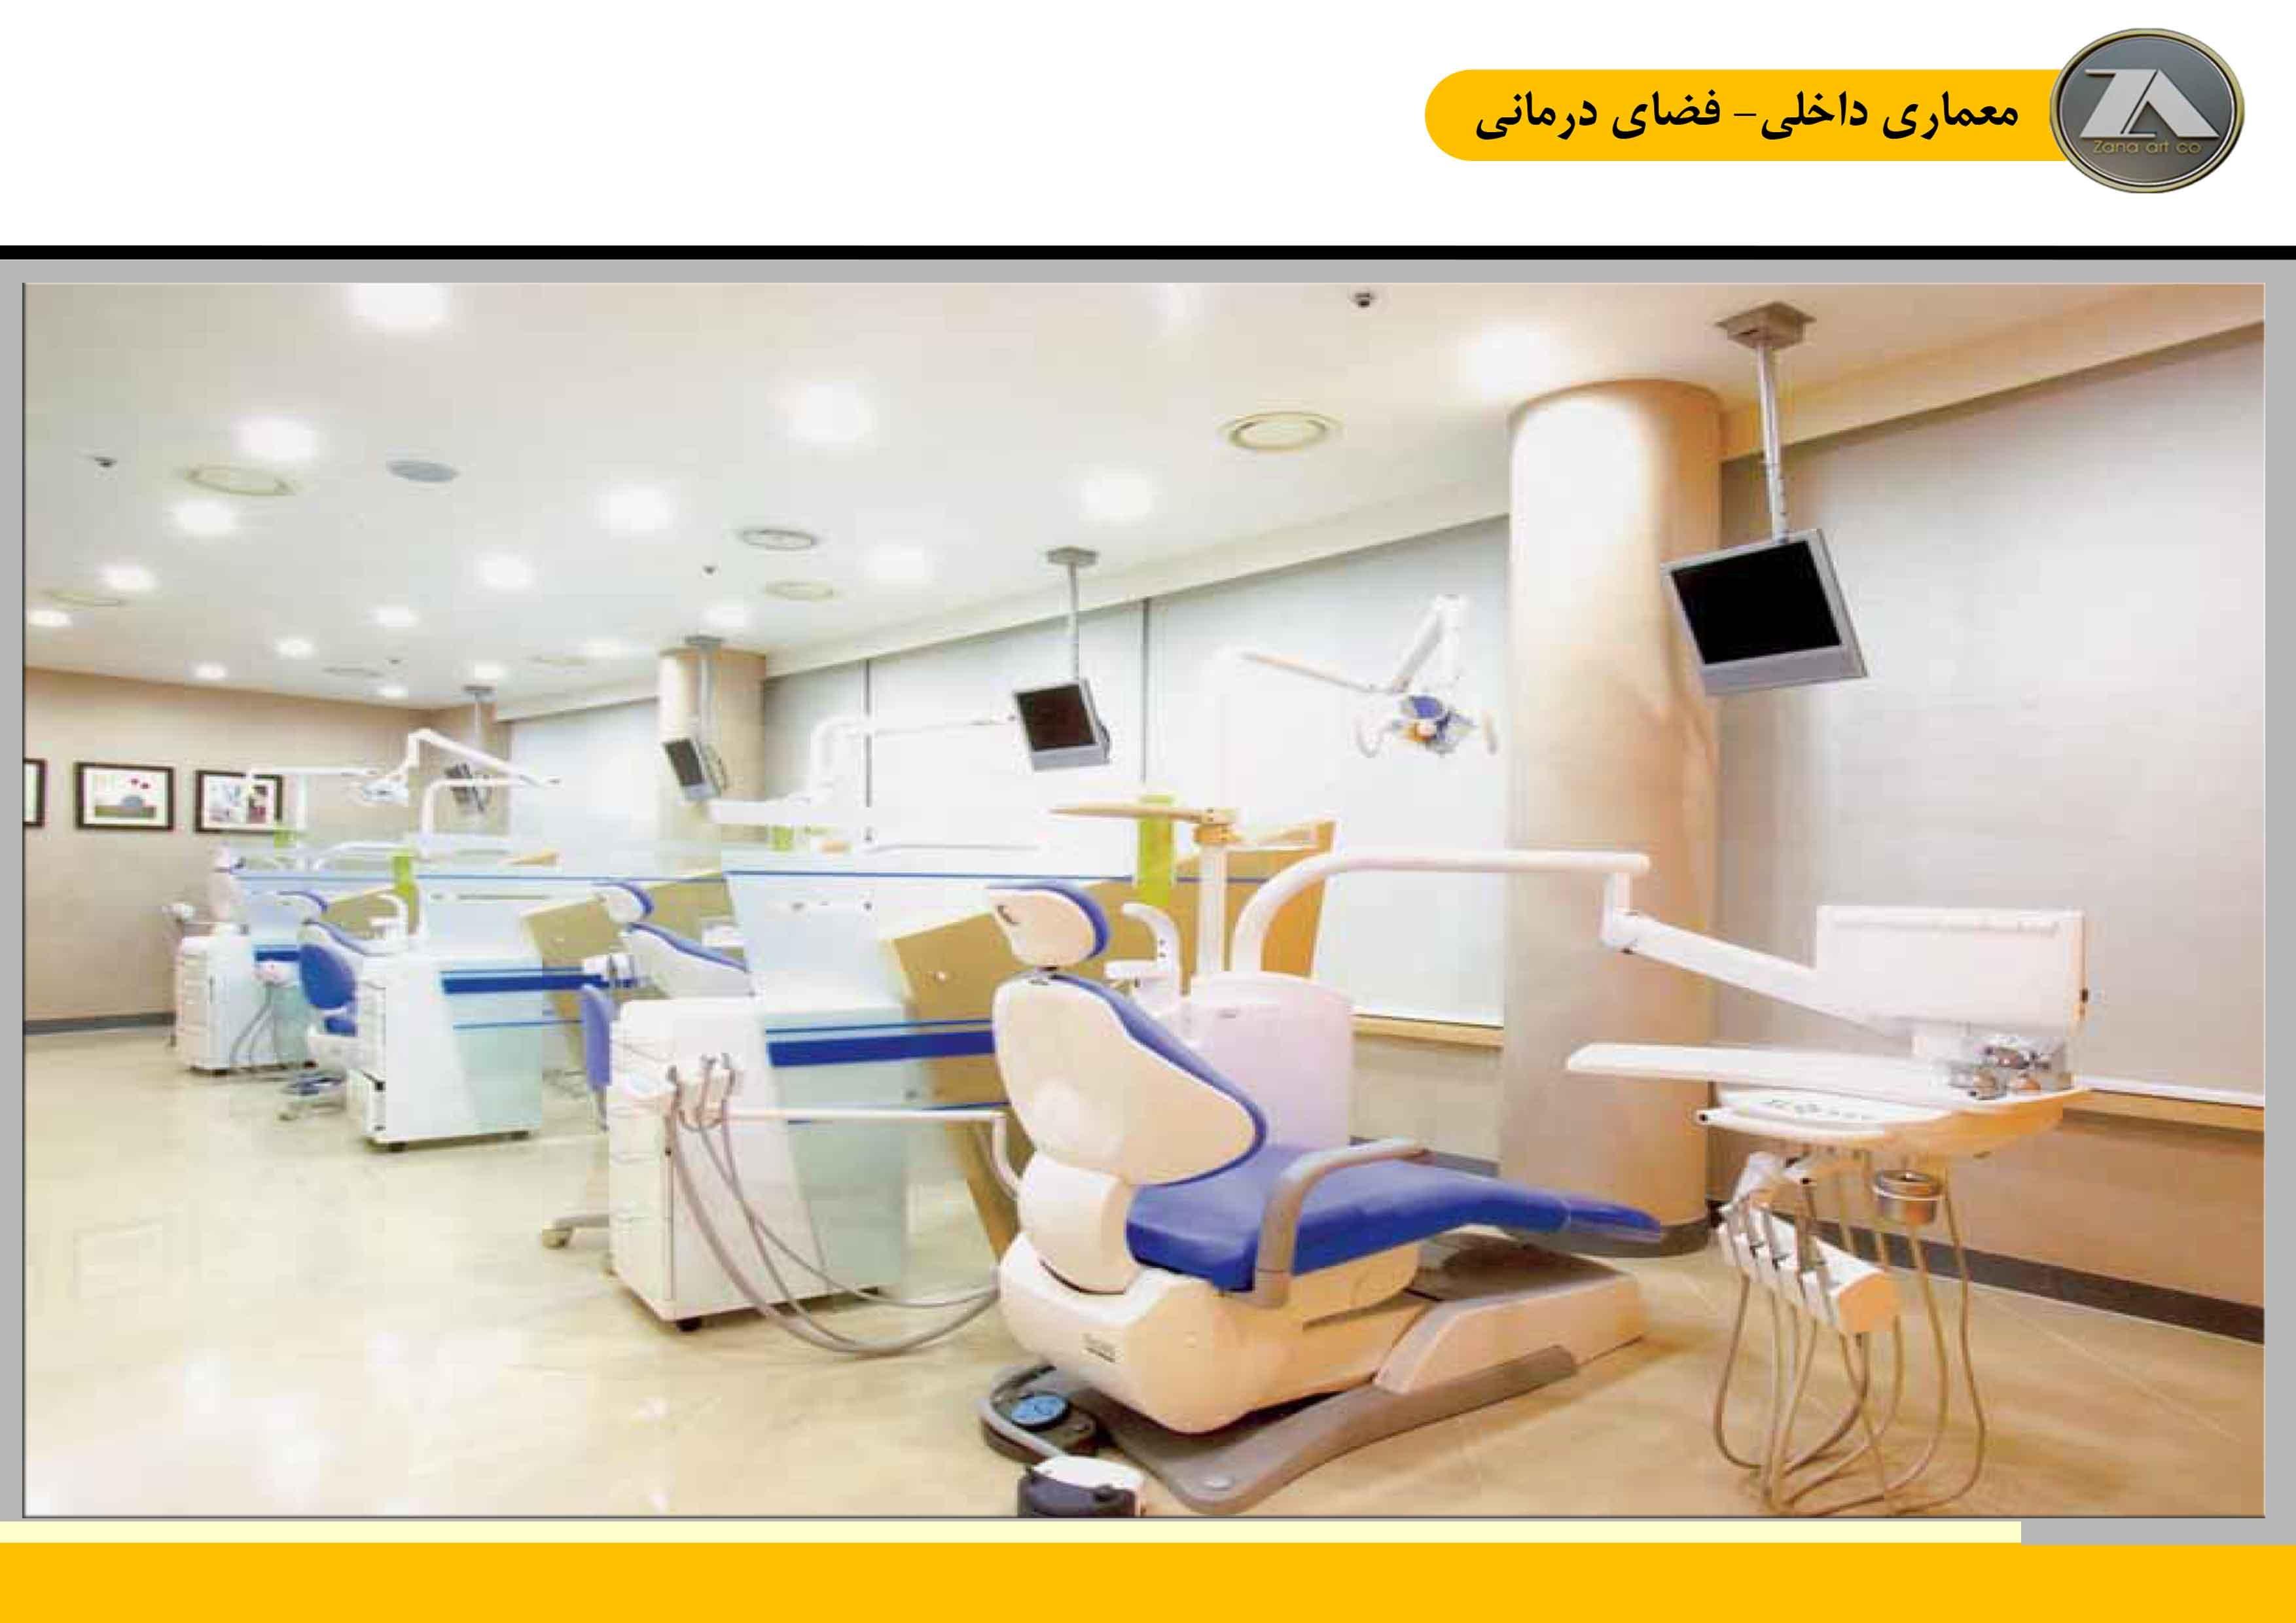 طراحی مطب و کلینیک